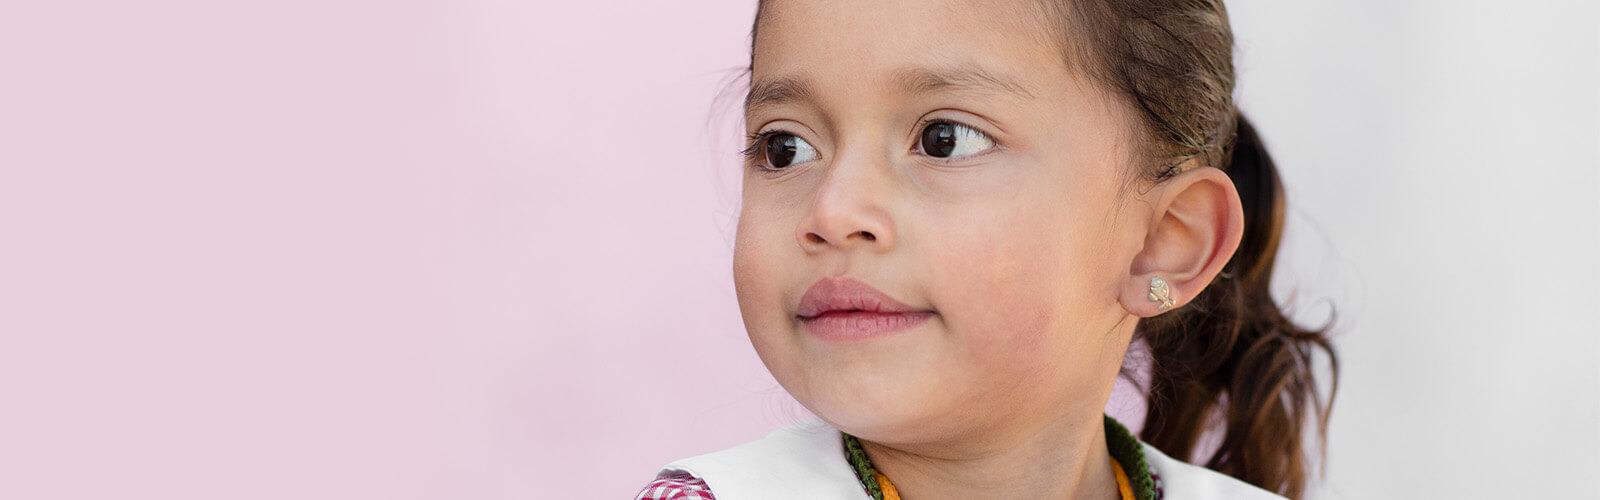 En 4-årig pige, der ser ud på verden med undren og nysgerrighed